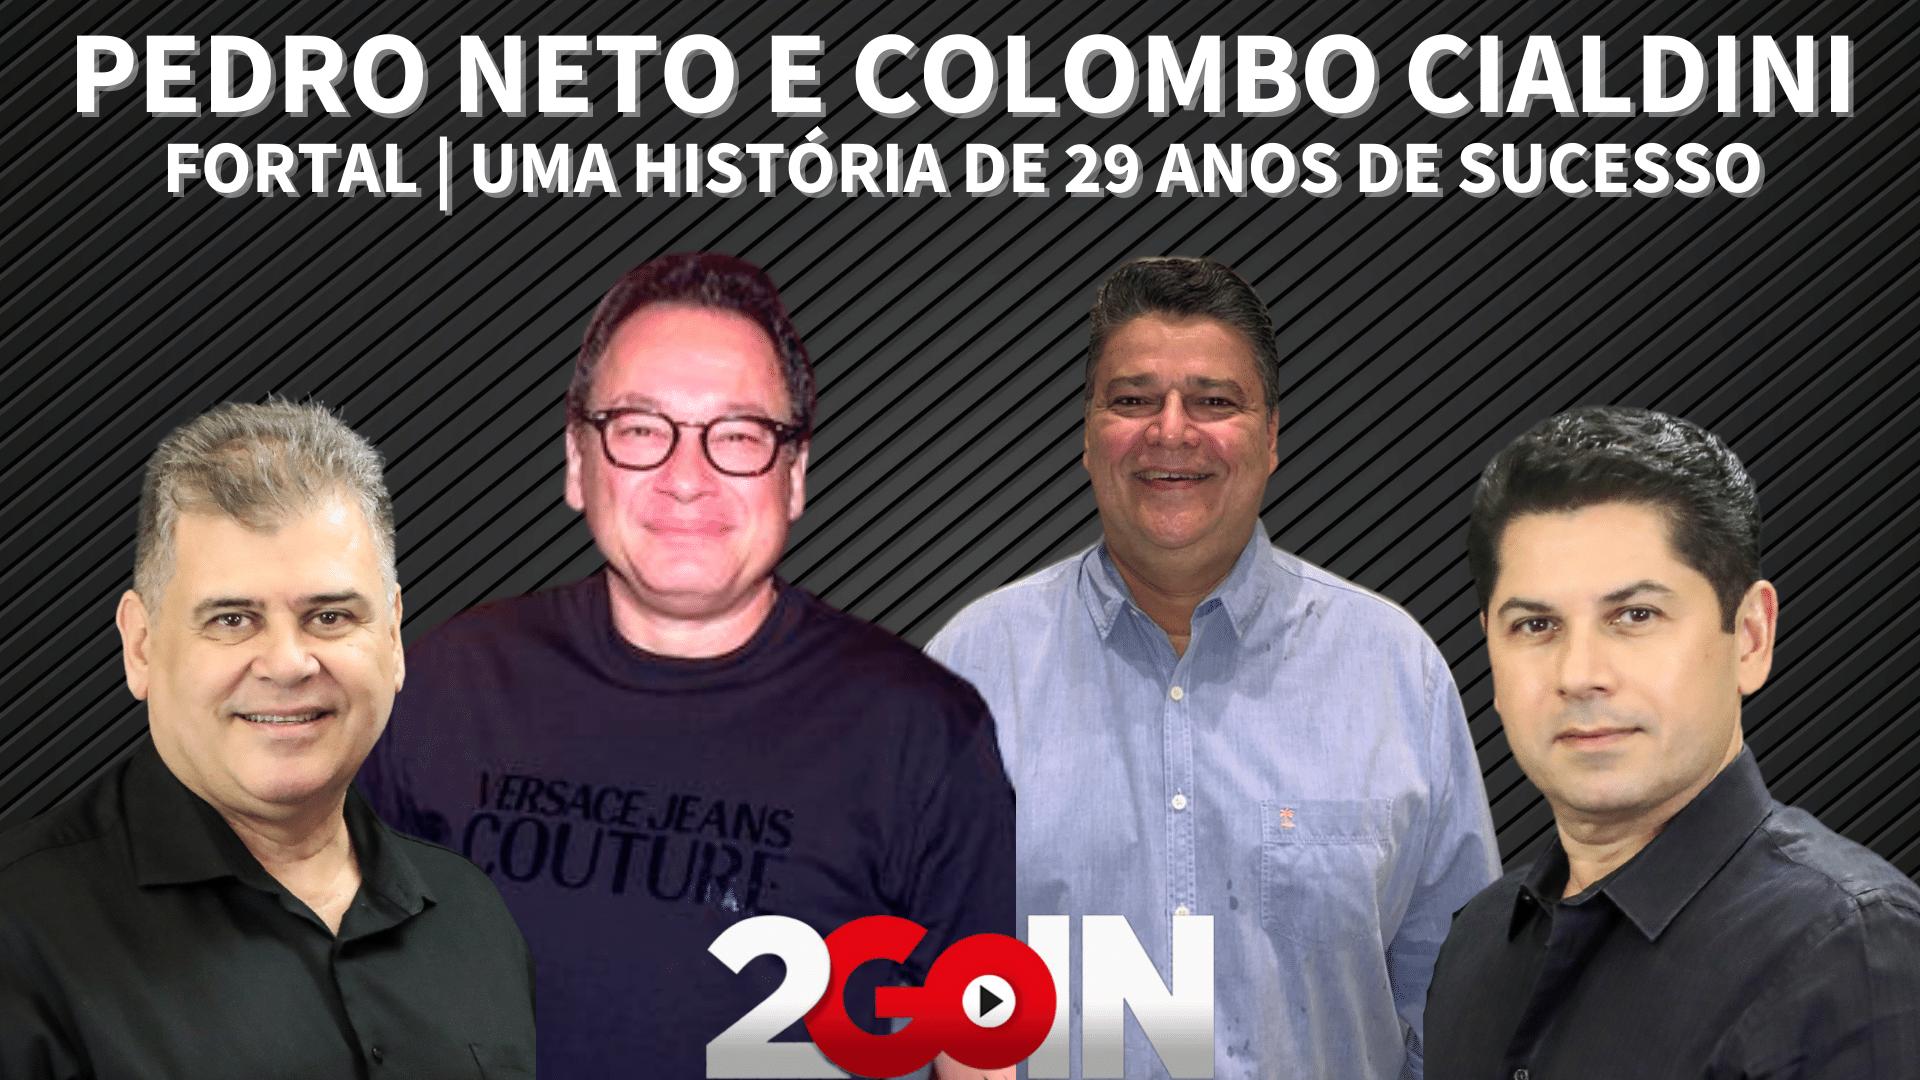 Pedro Neto e Colombo Cialdini   Fortal   Uma História de 29 anos de Sucesso